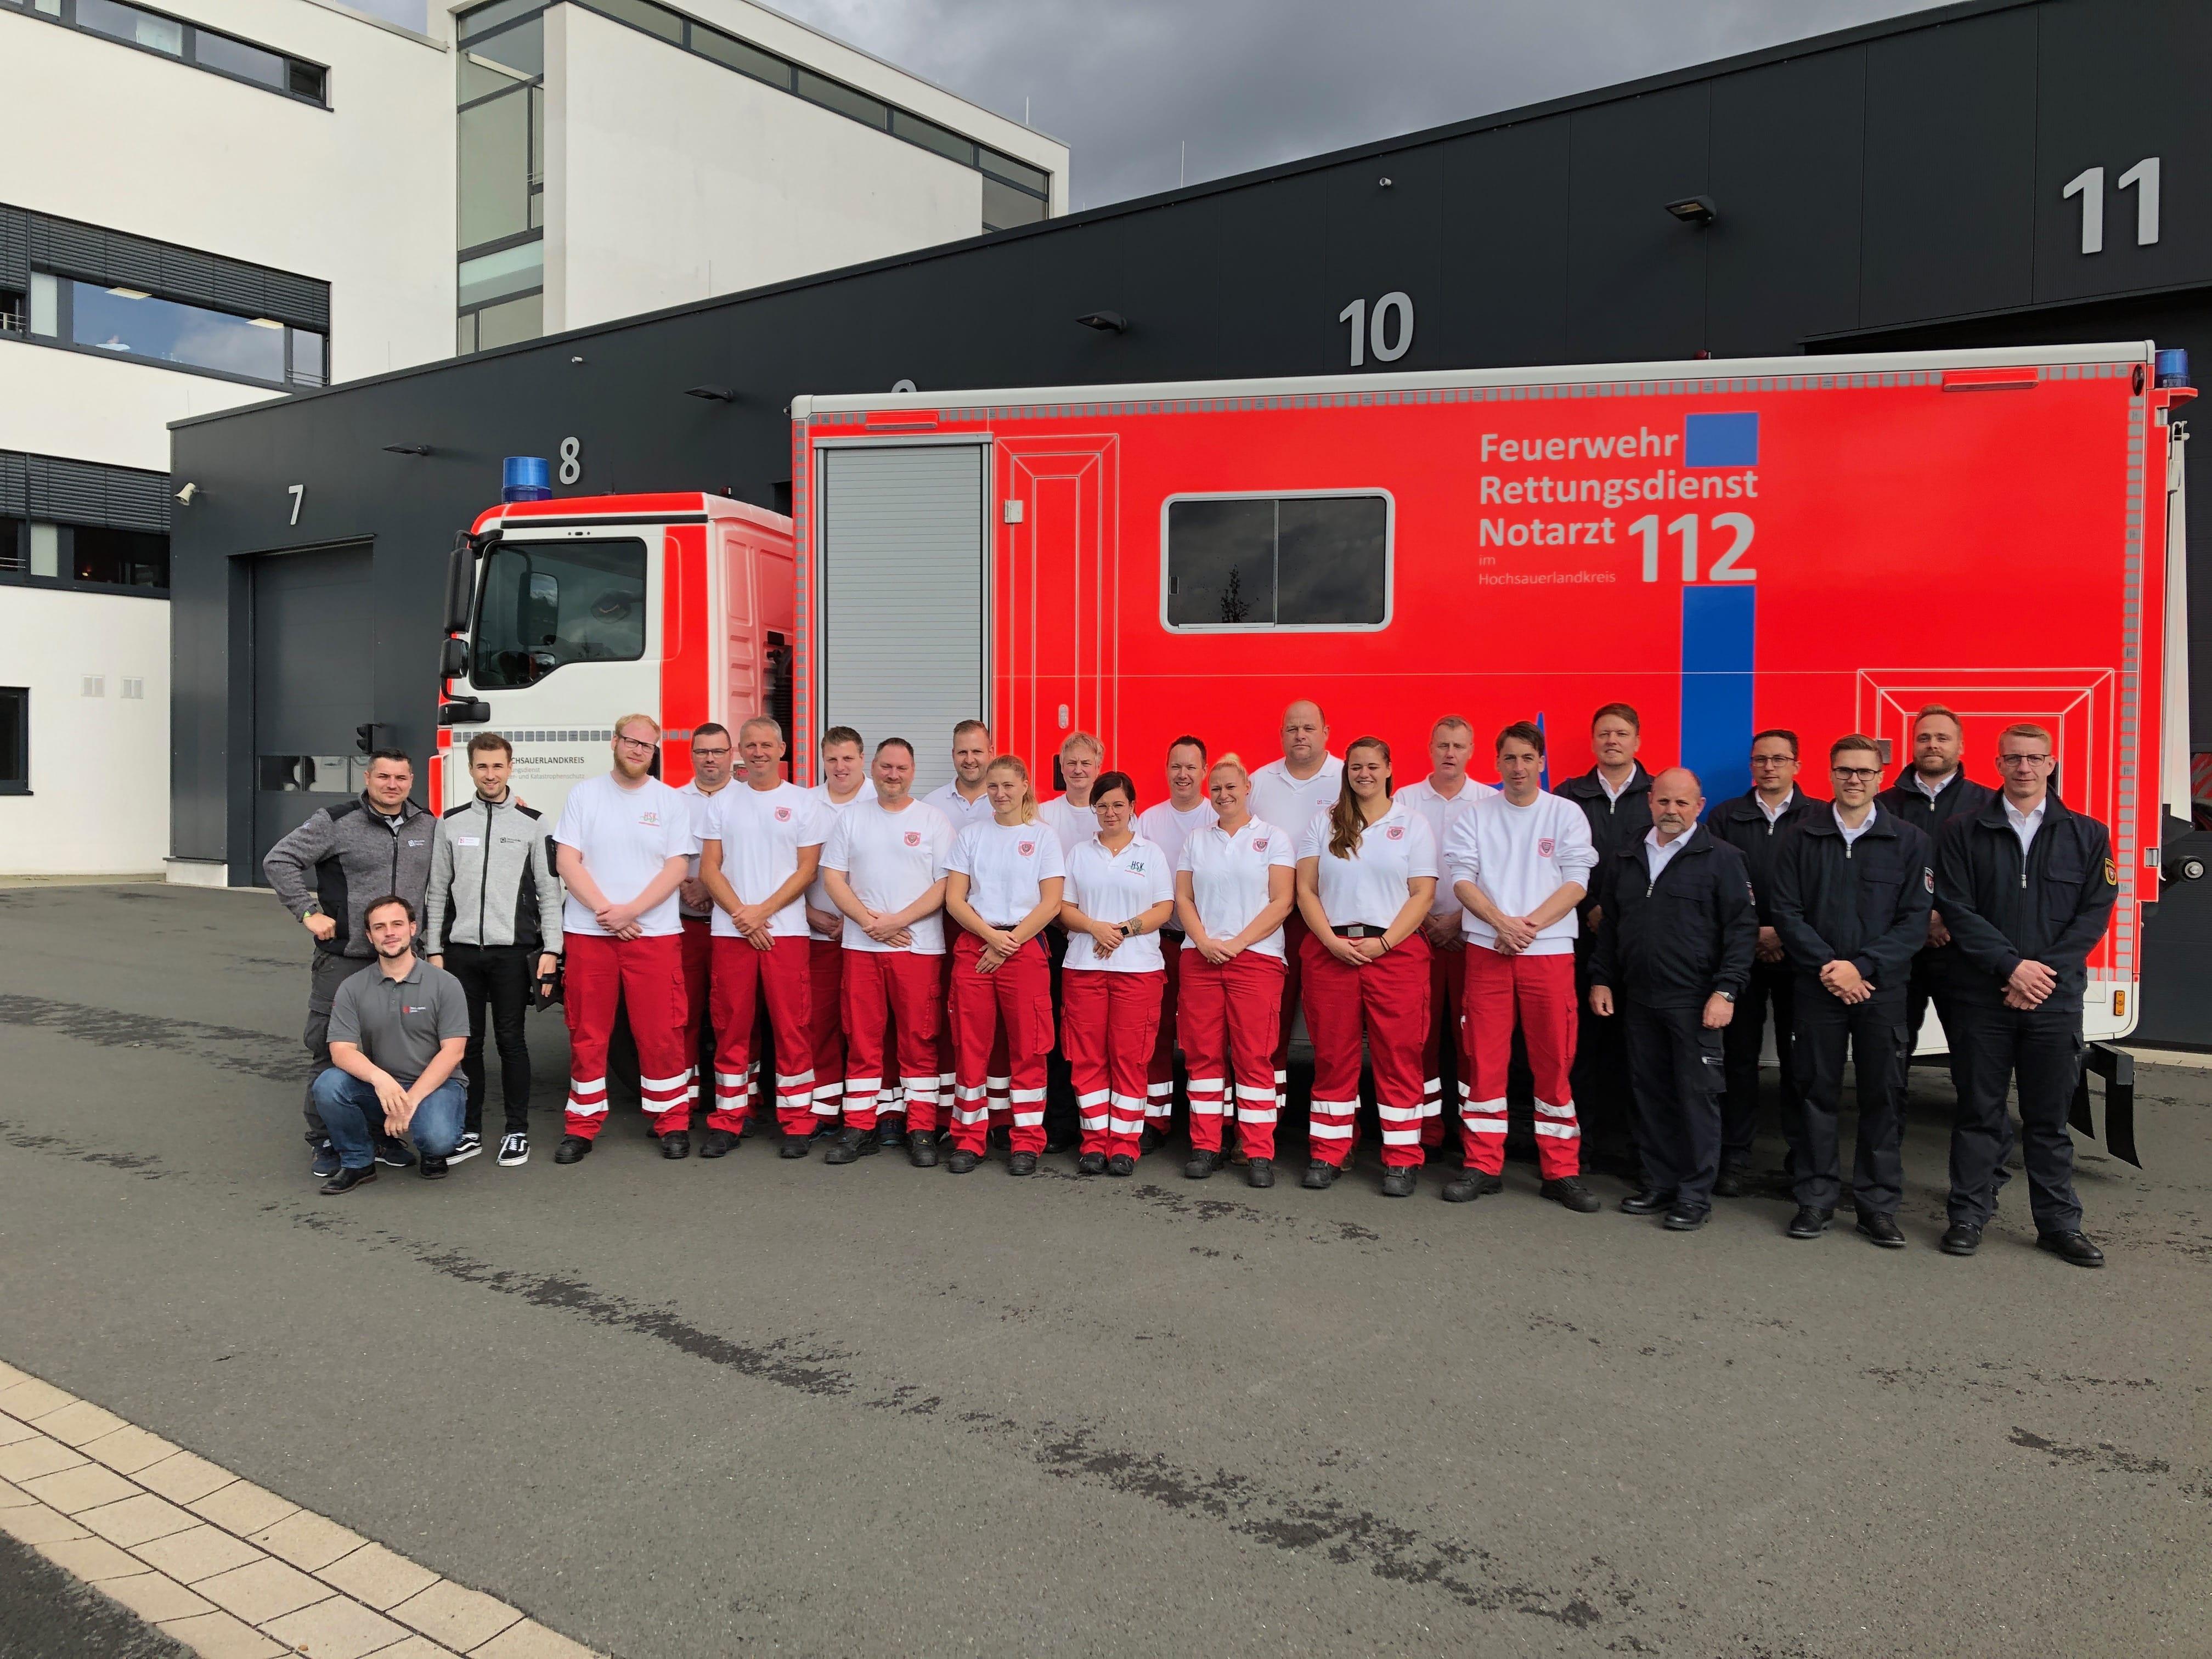 CRM Instruktorenkurs am Zentrum für Feuerschutz und Rettungswesen in Meschede